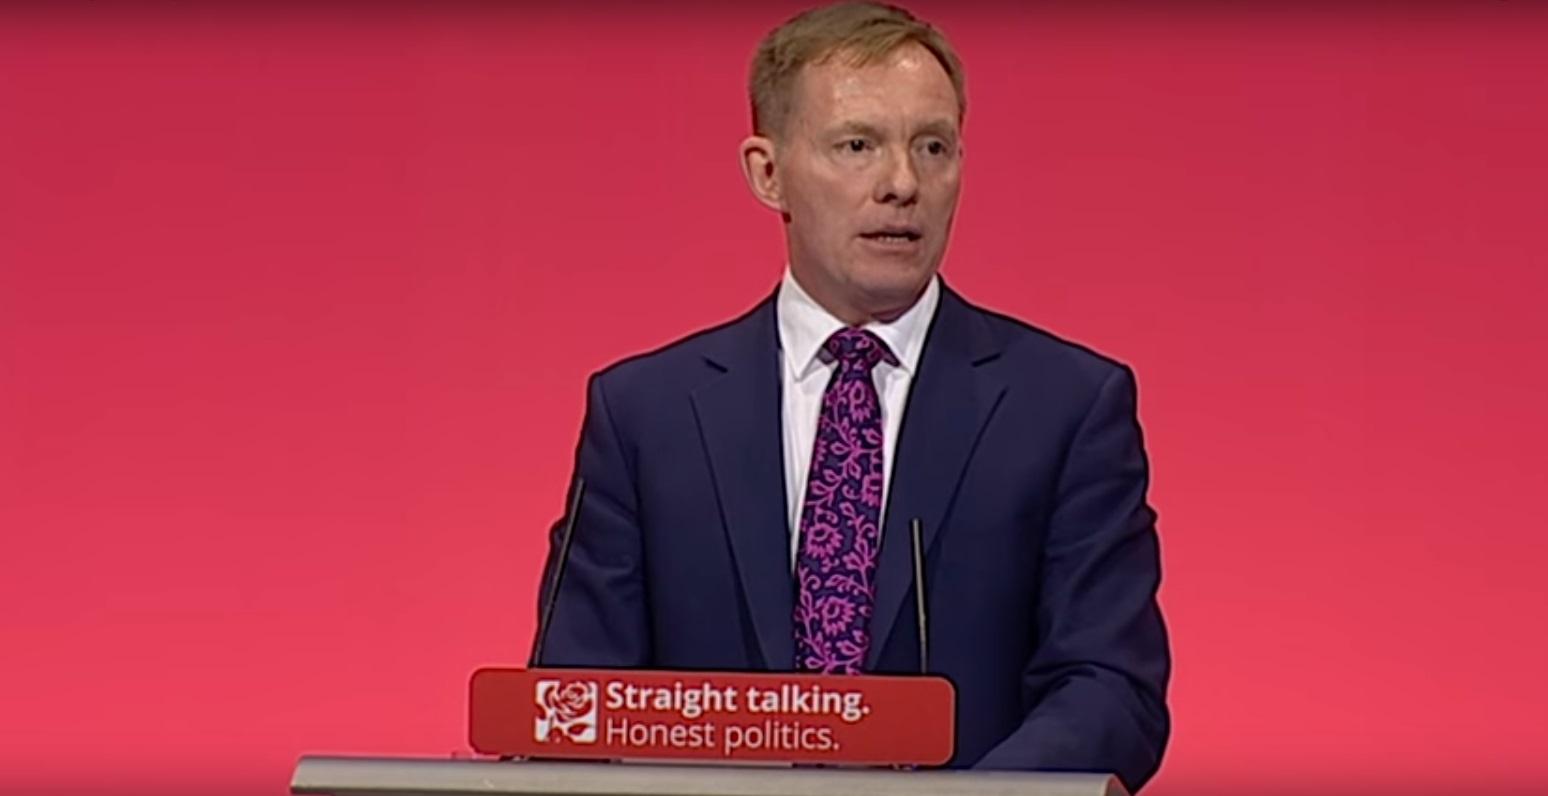 Le député travailliste Chris Bryant a parlé de ses expériences